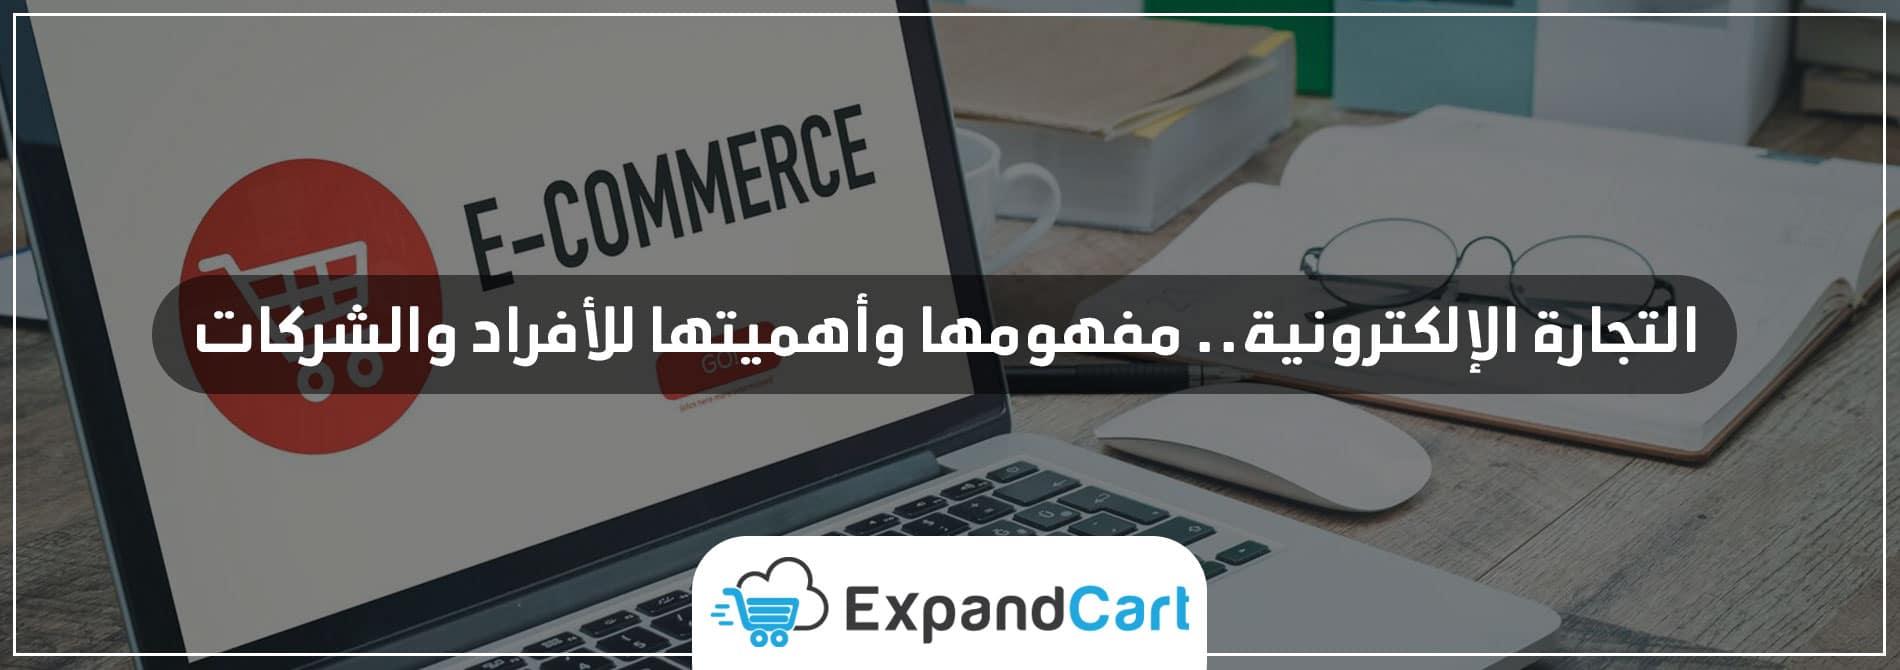 التجارة الالكترونية